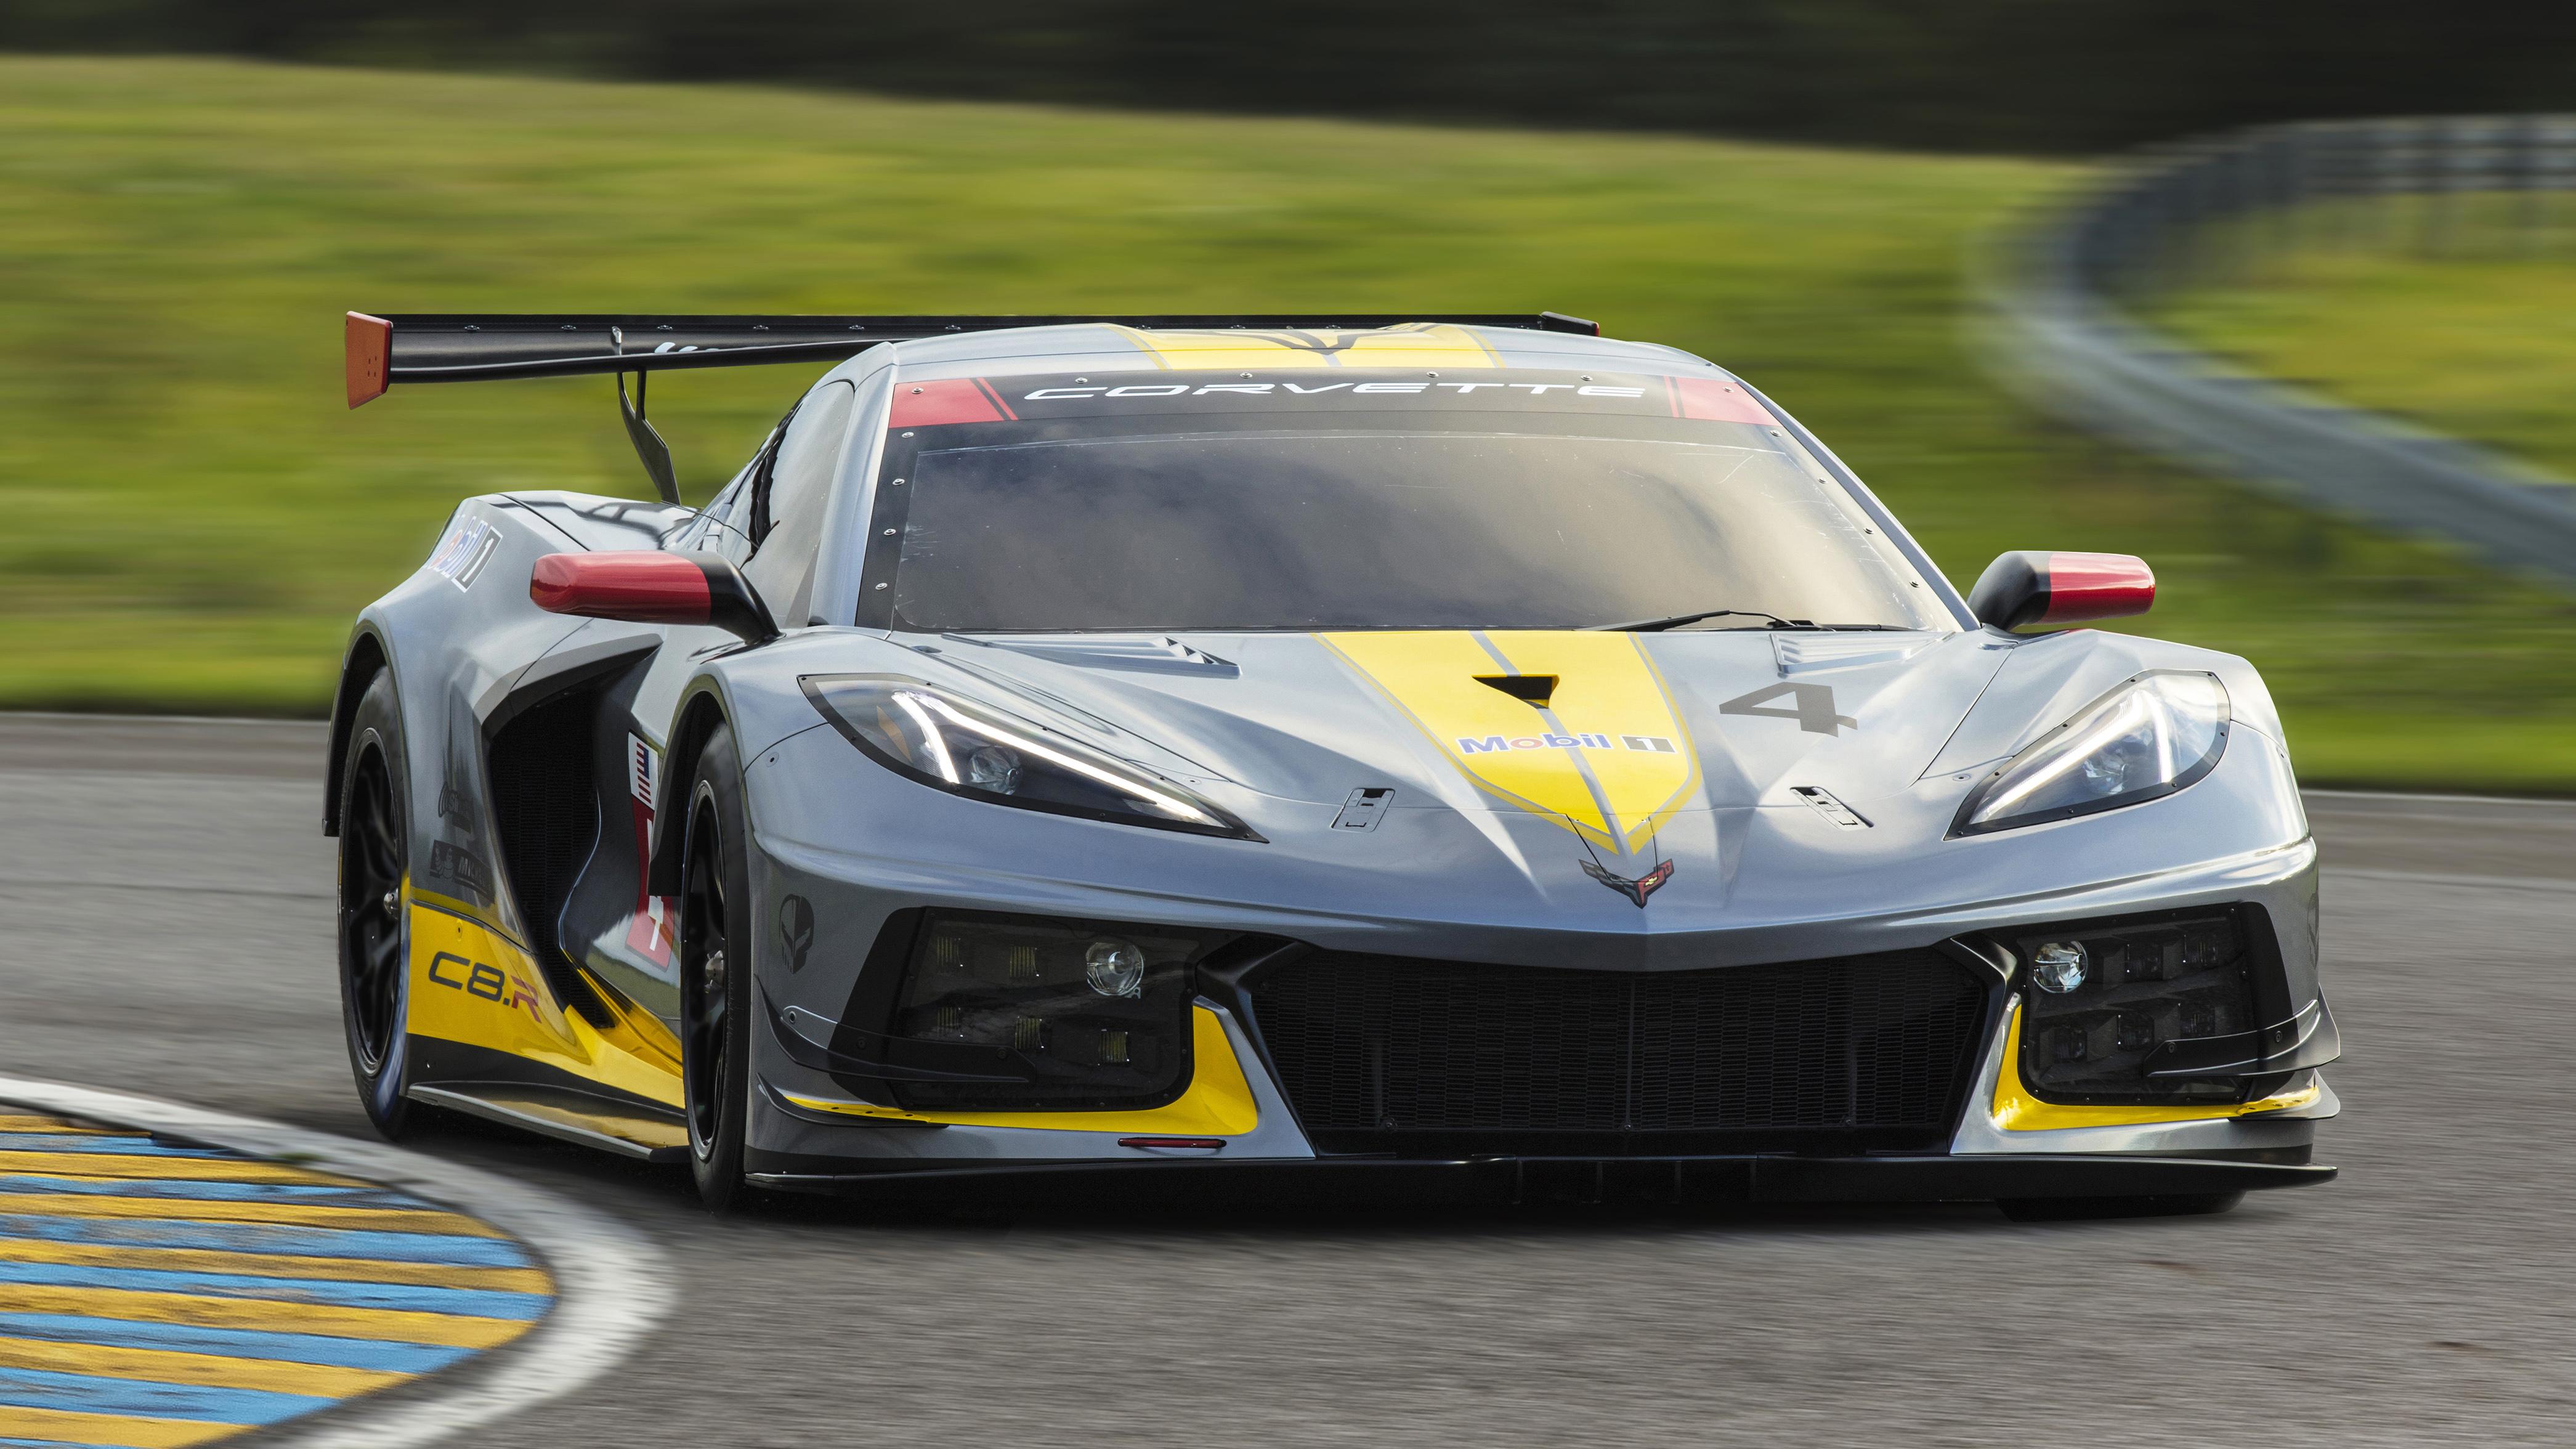 2020 Chevy Corvette C8.R race car revealed | Autoblog